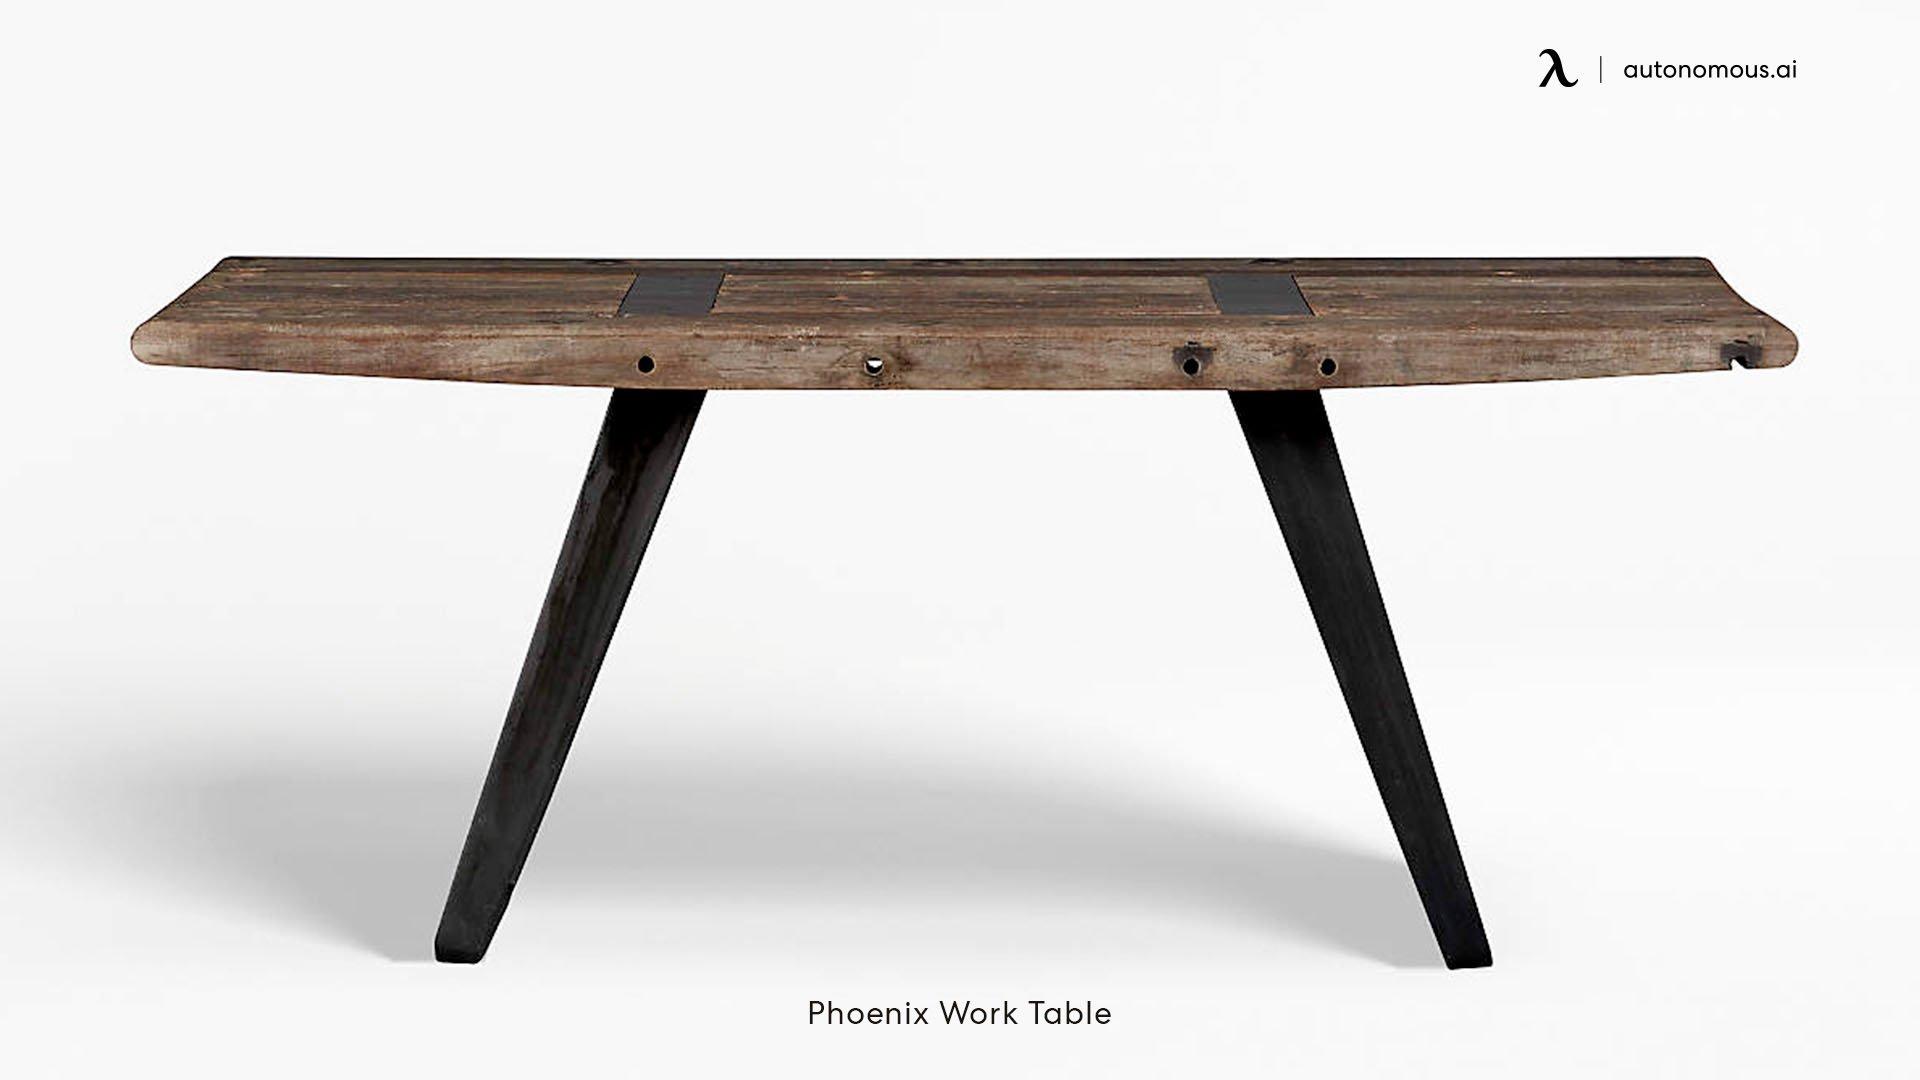 Phoenix Work Table